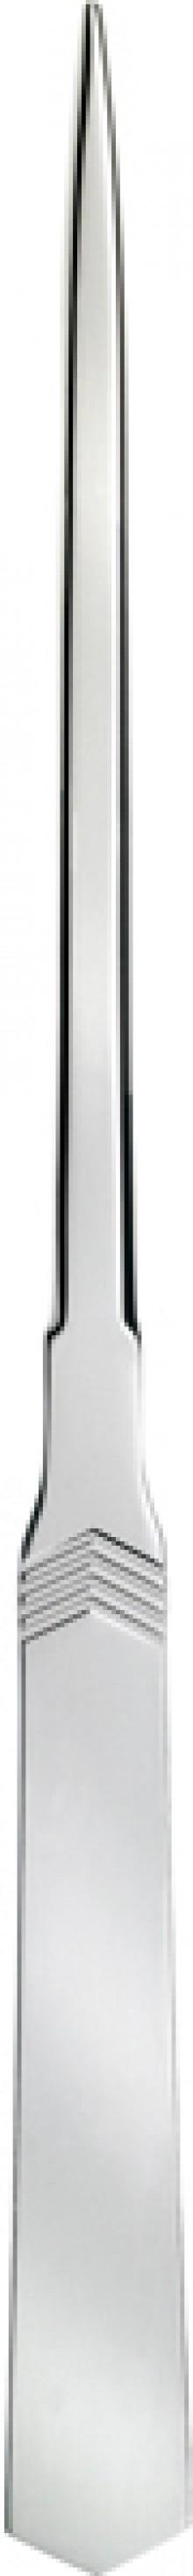 Brieföffner mit Stahlgriff 21,5 cm